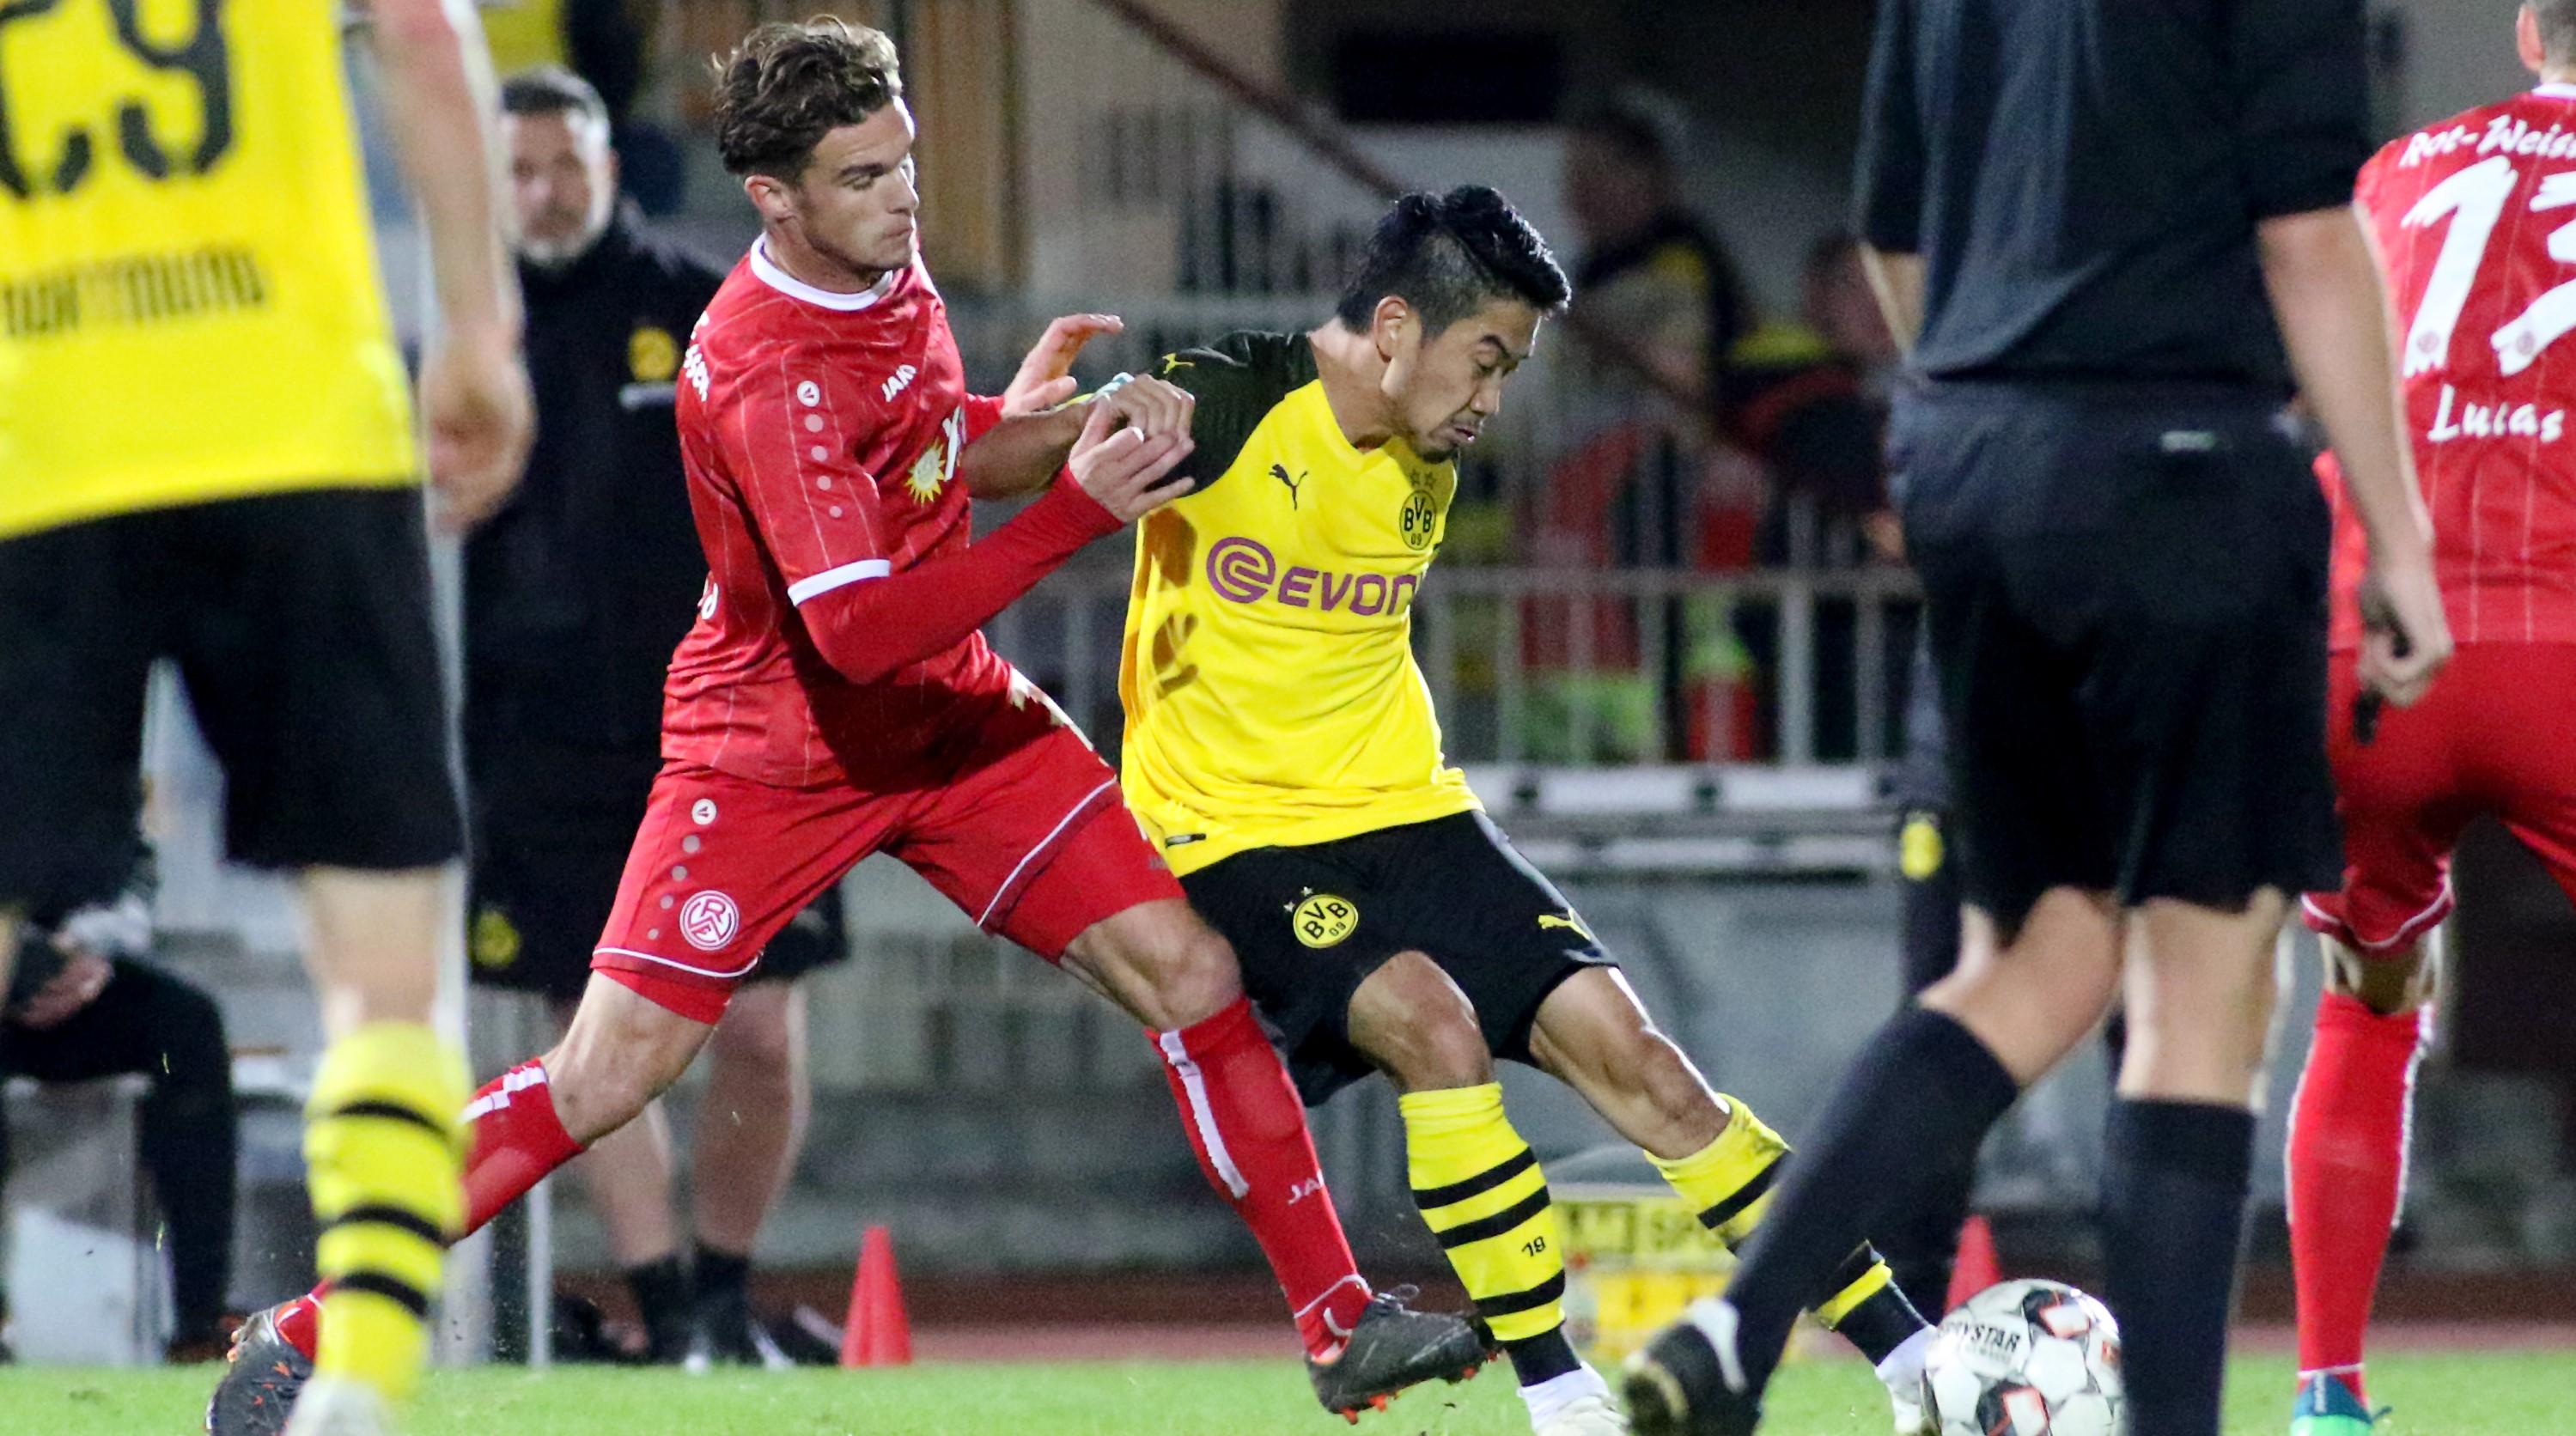 Eine bittere Niederlage setzte es für die Rot-Weissen in Dortmund. (Foto: Endberg)